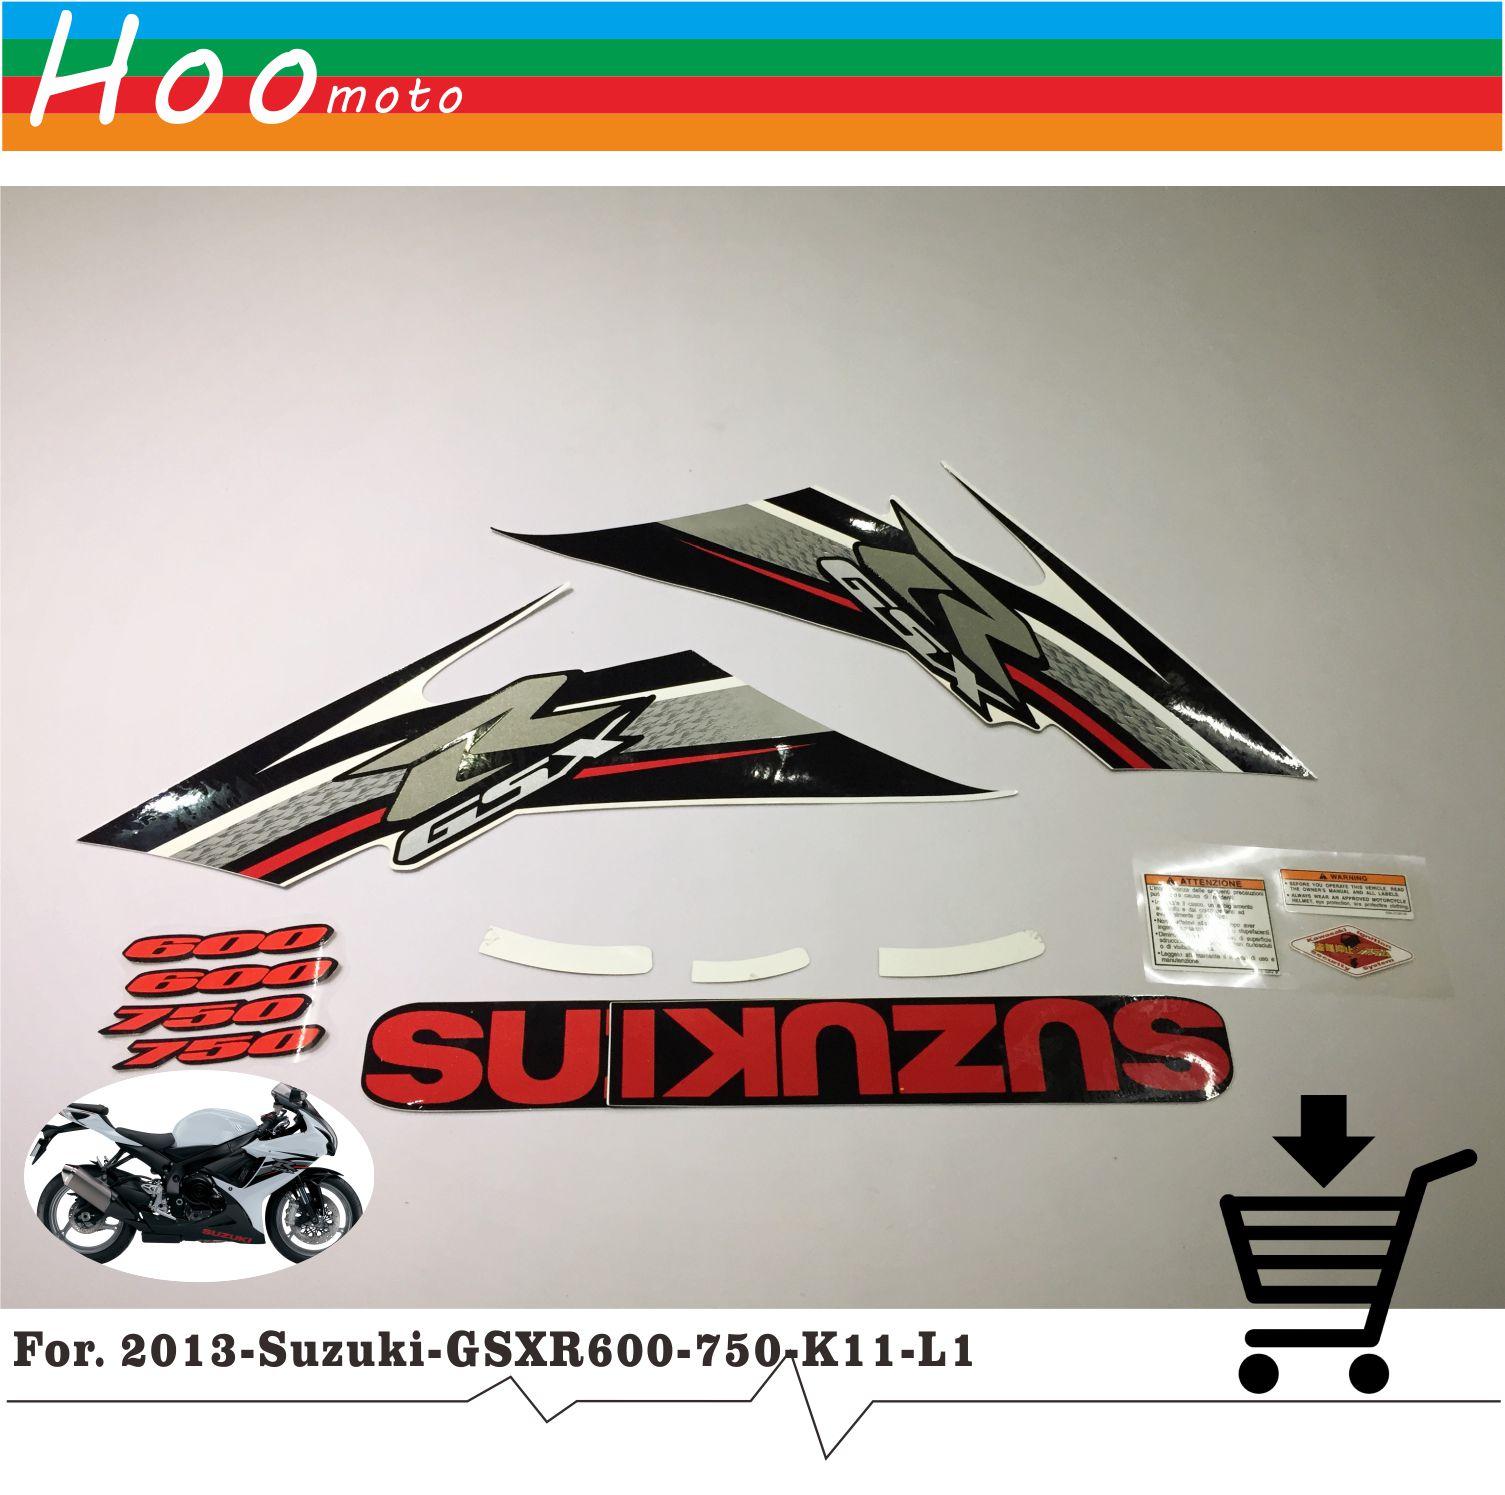 2013 GSXR GSX R 600 750 K11 L1  High Quality Decals Sticker Motorcycle Car-styling Stickers for Suzuki Decals Sticker MOTO<br>